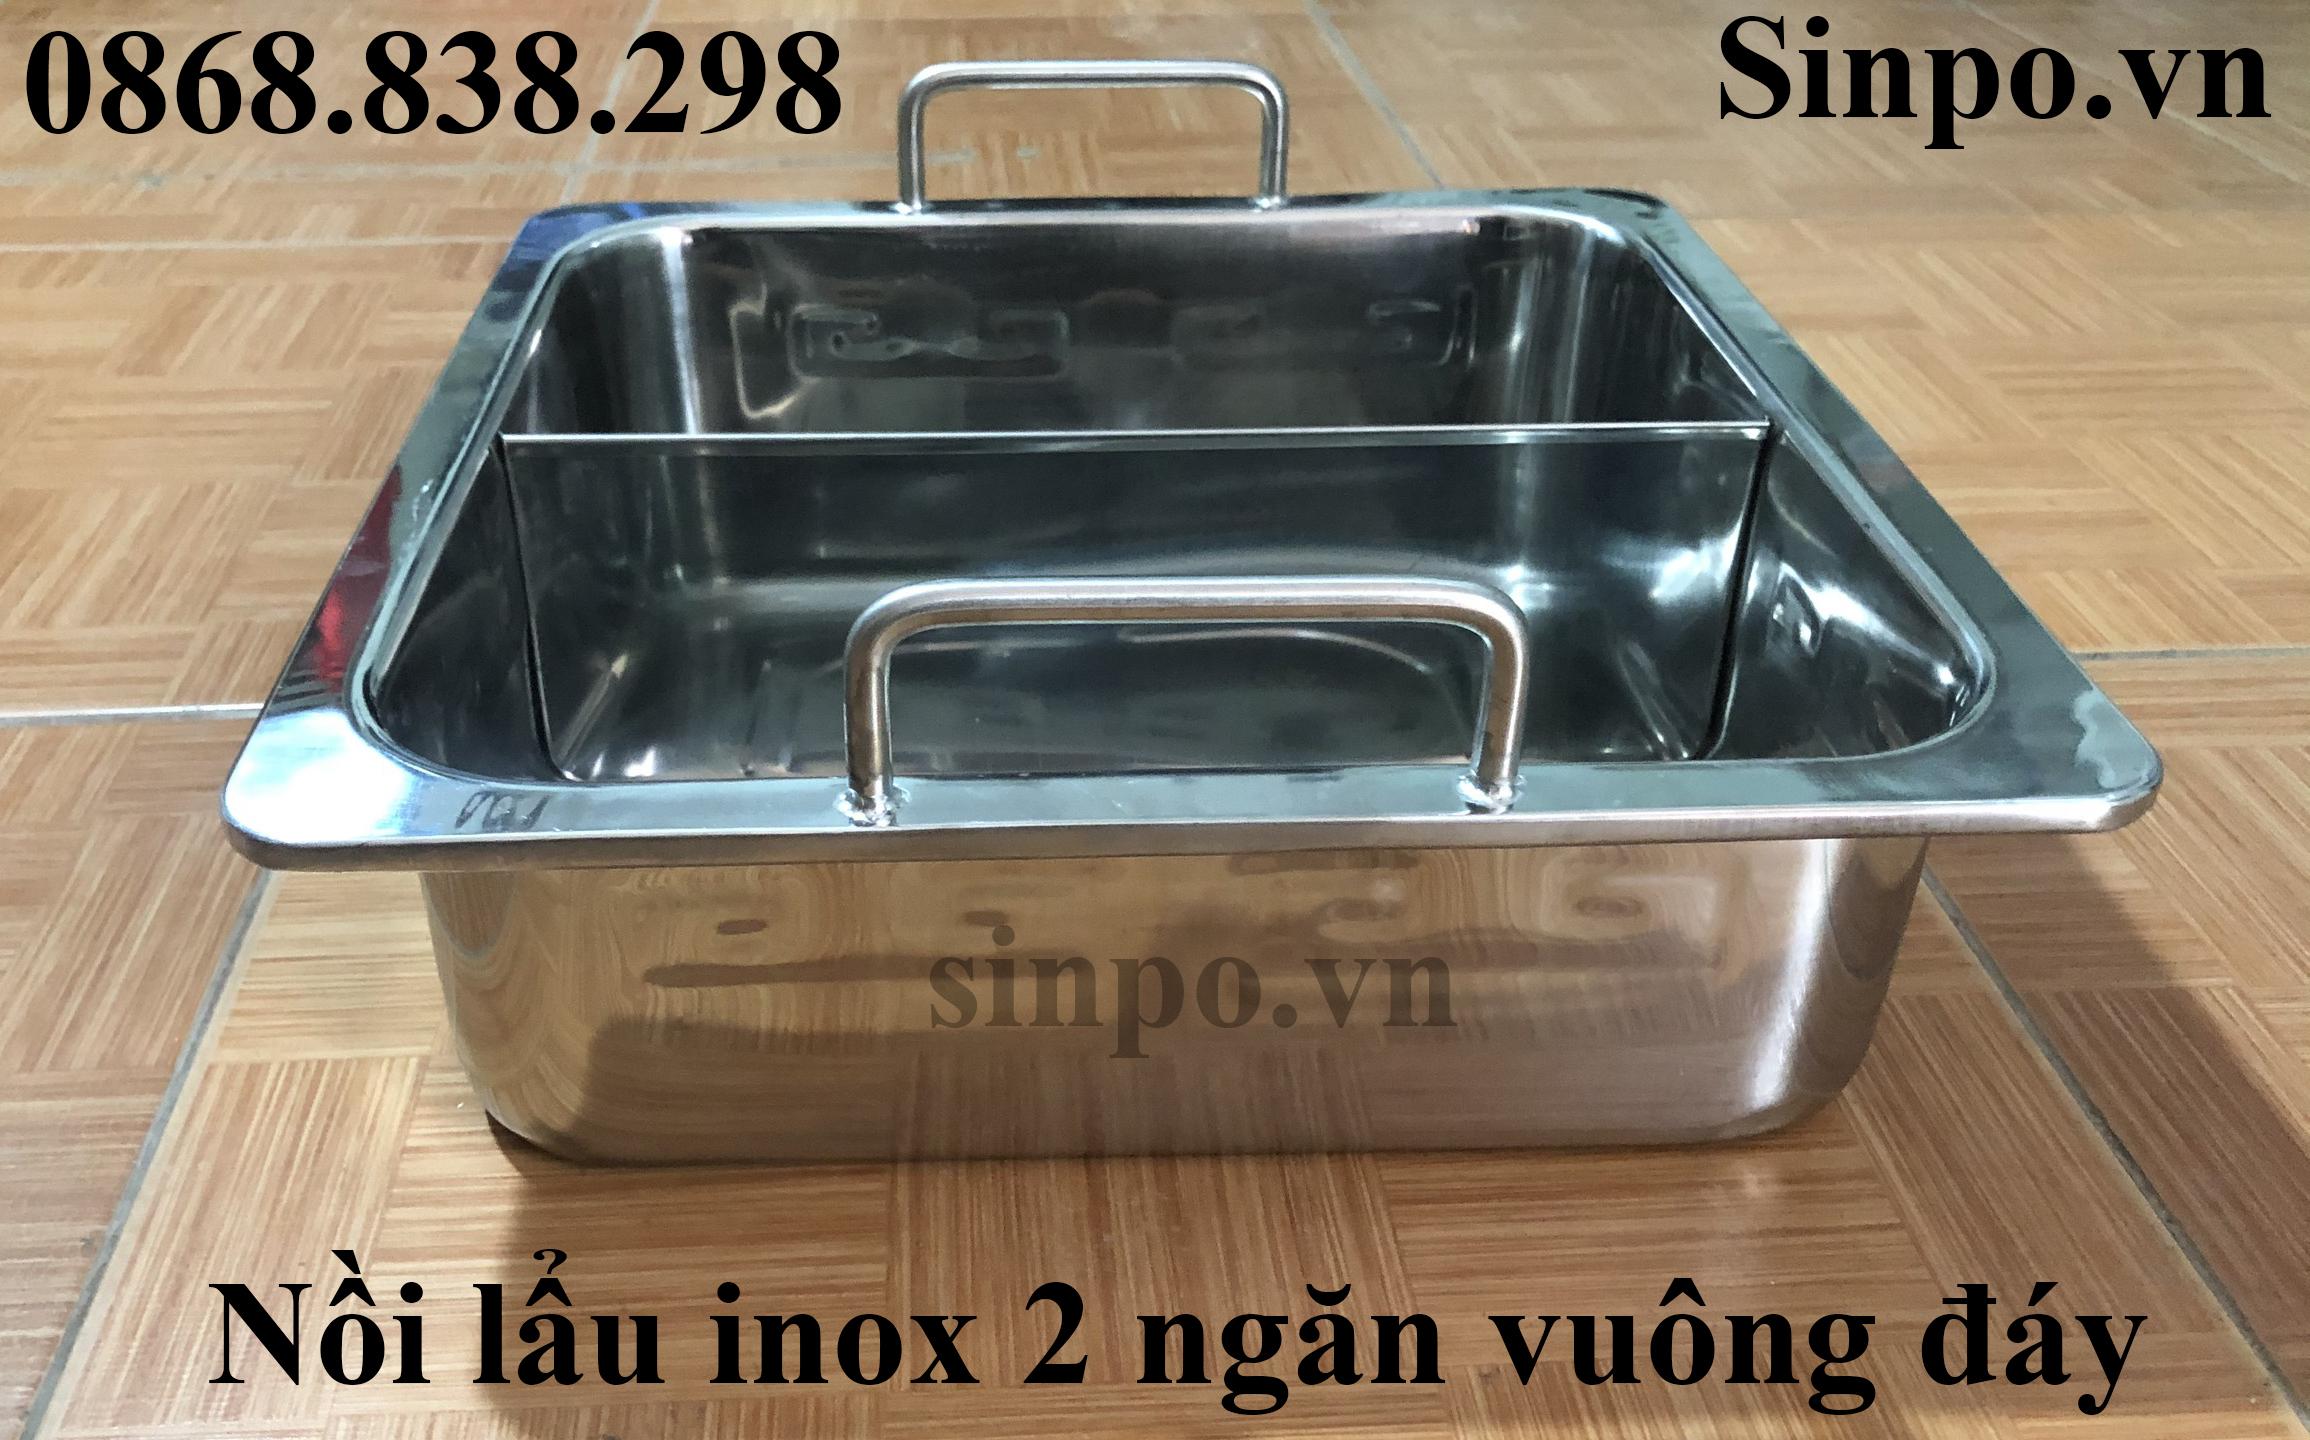 Giá bán nồi lẩu inox 2 ngăn vuông đáy